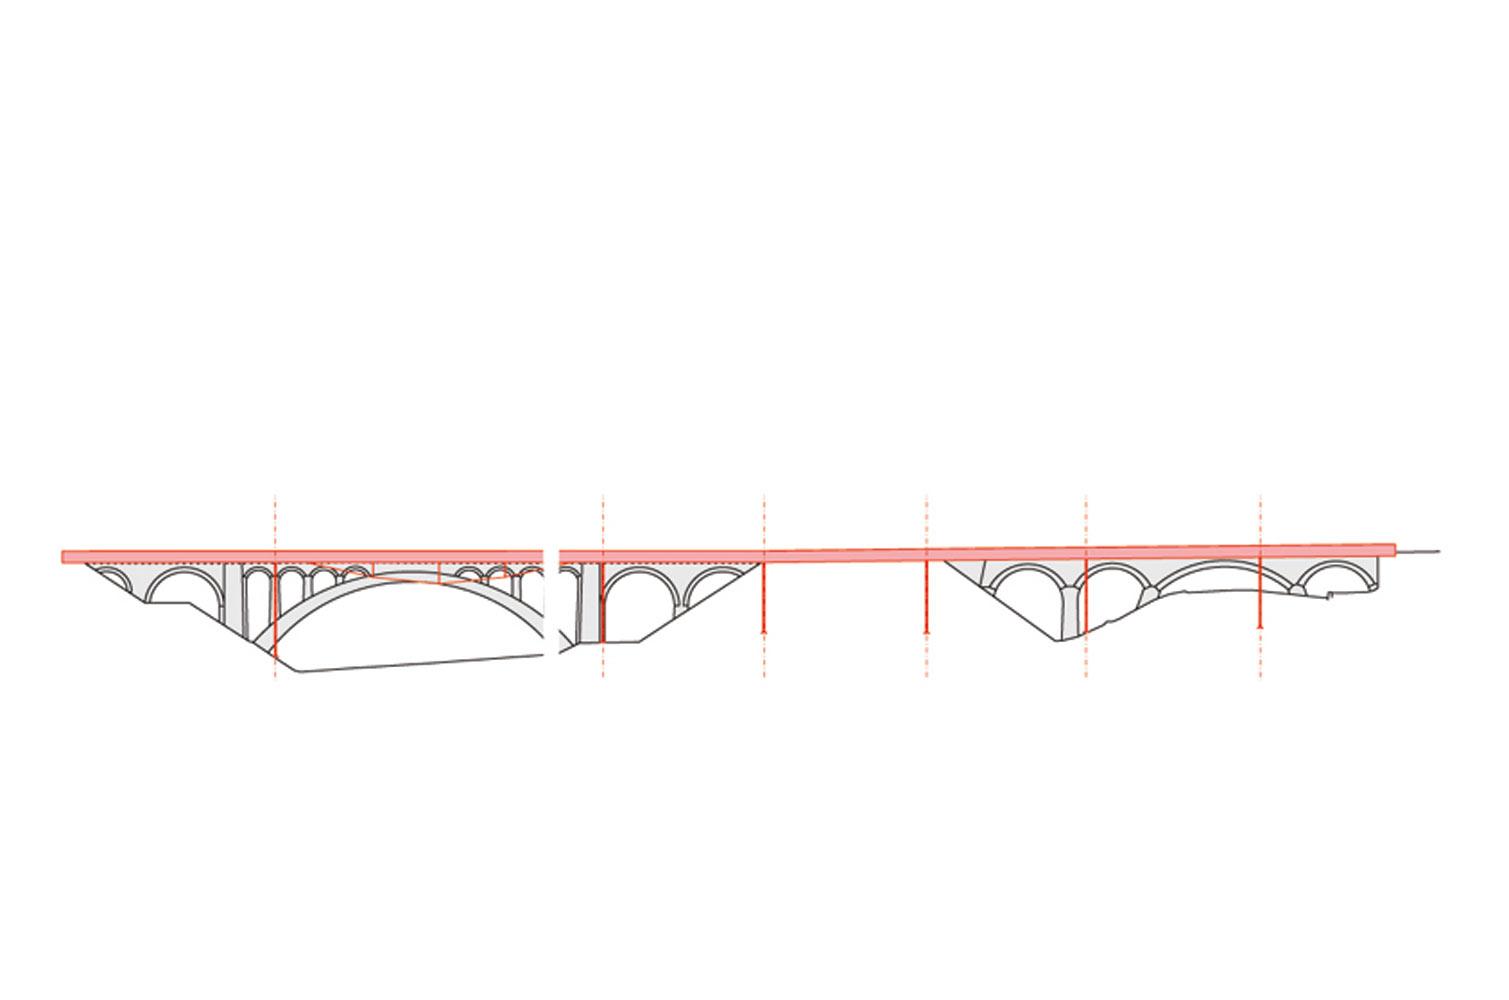 Gestaltungswettbewerb-Neubau-Fussgaengerbruecke-Lichtensteig_plan.jpg